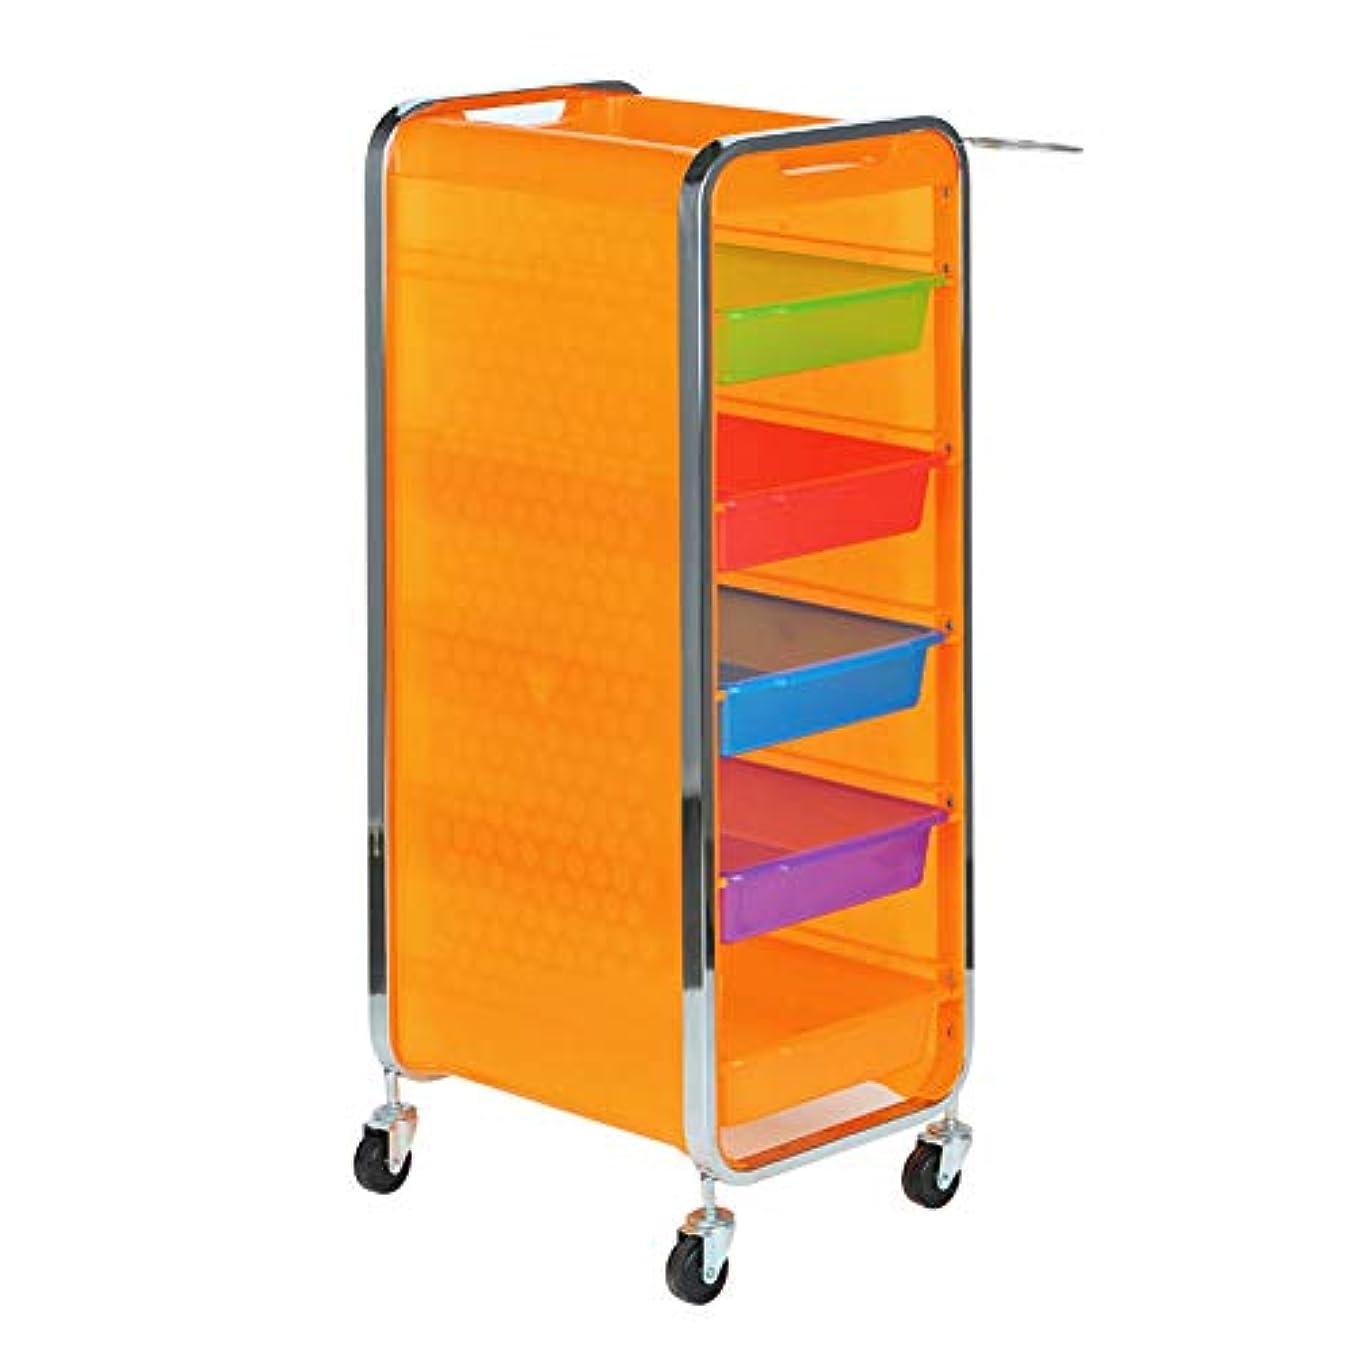 ラボなめらか再編成するサロン美容院トロリー美容美容収納カート6層トレイ多機能引き出し虹色,Orange,B